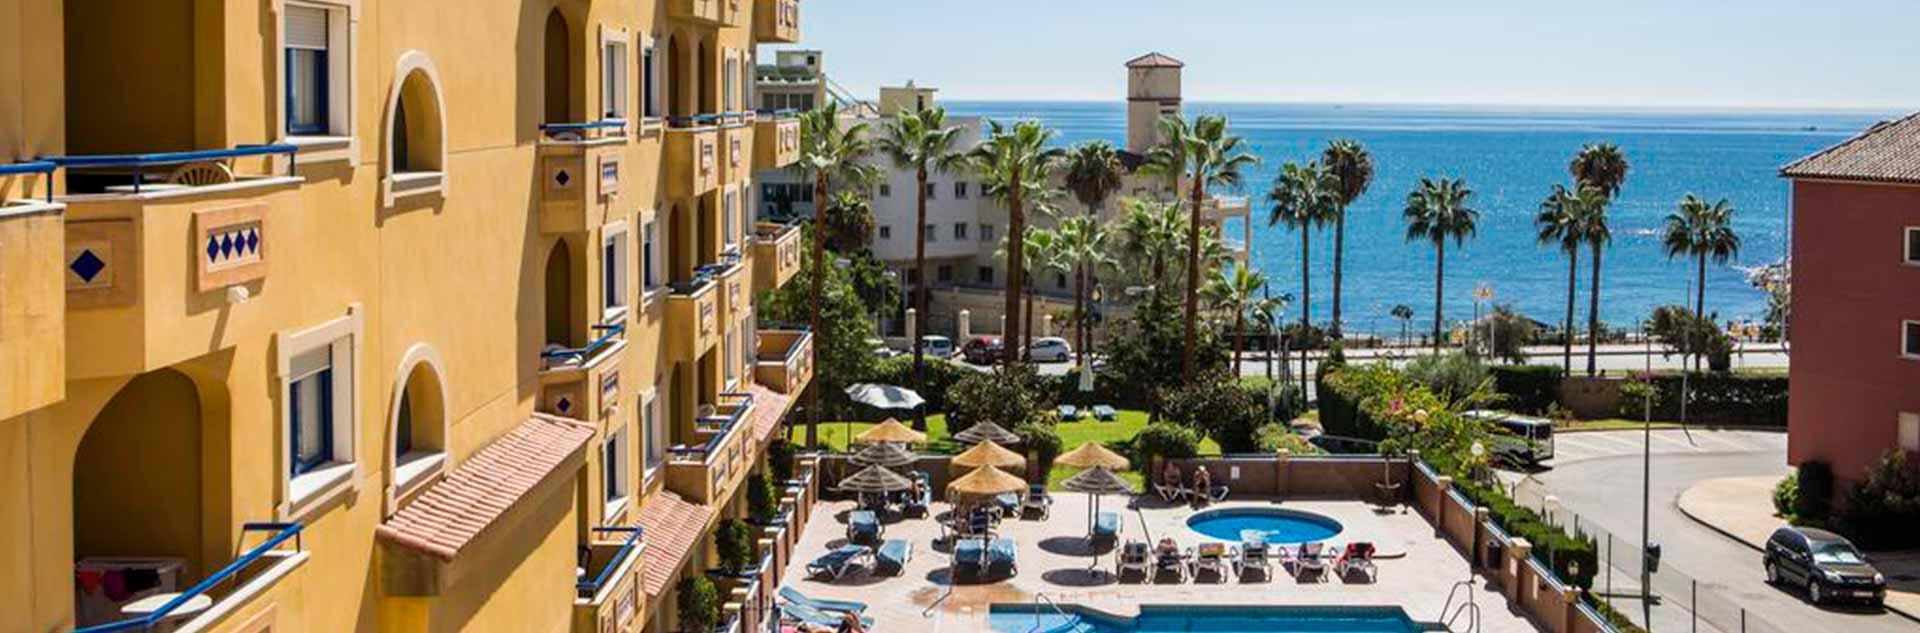 Vistas a las piscinas del Hotel Vistamar 4* en Benalmádena